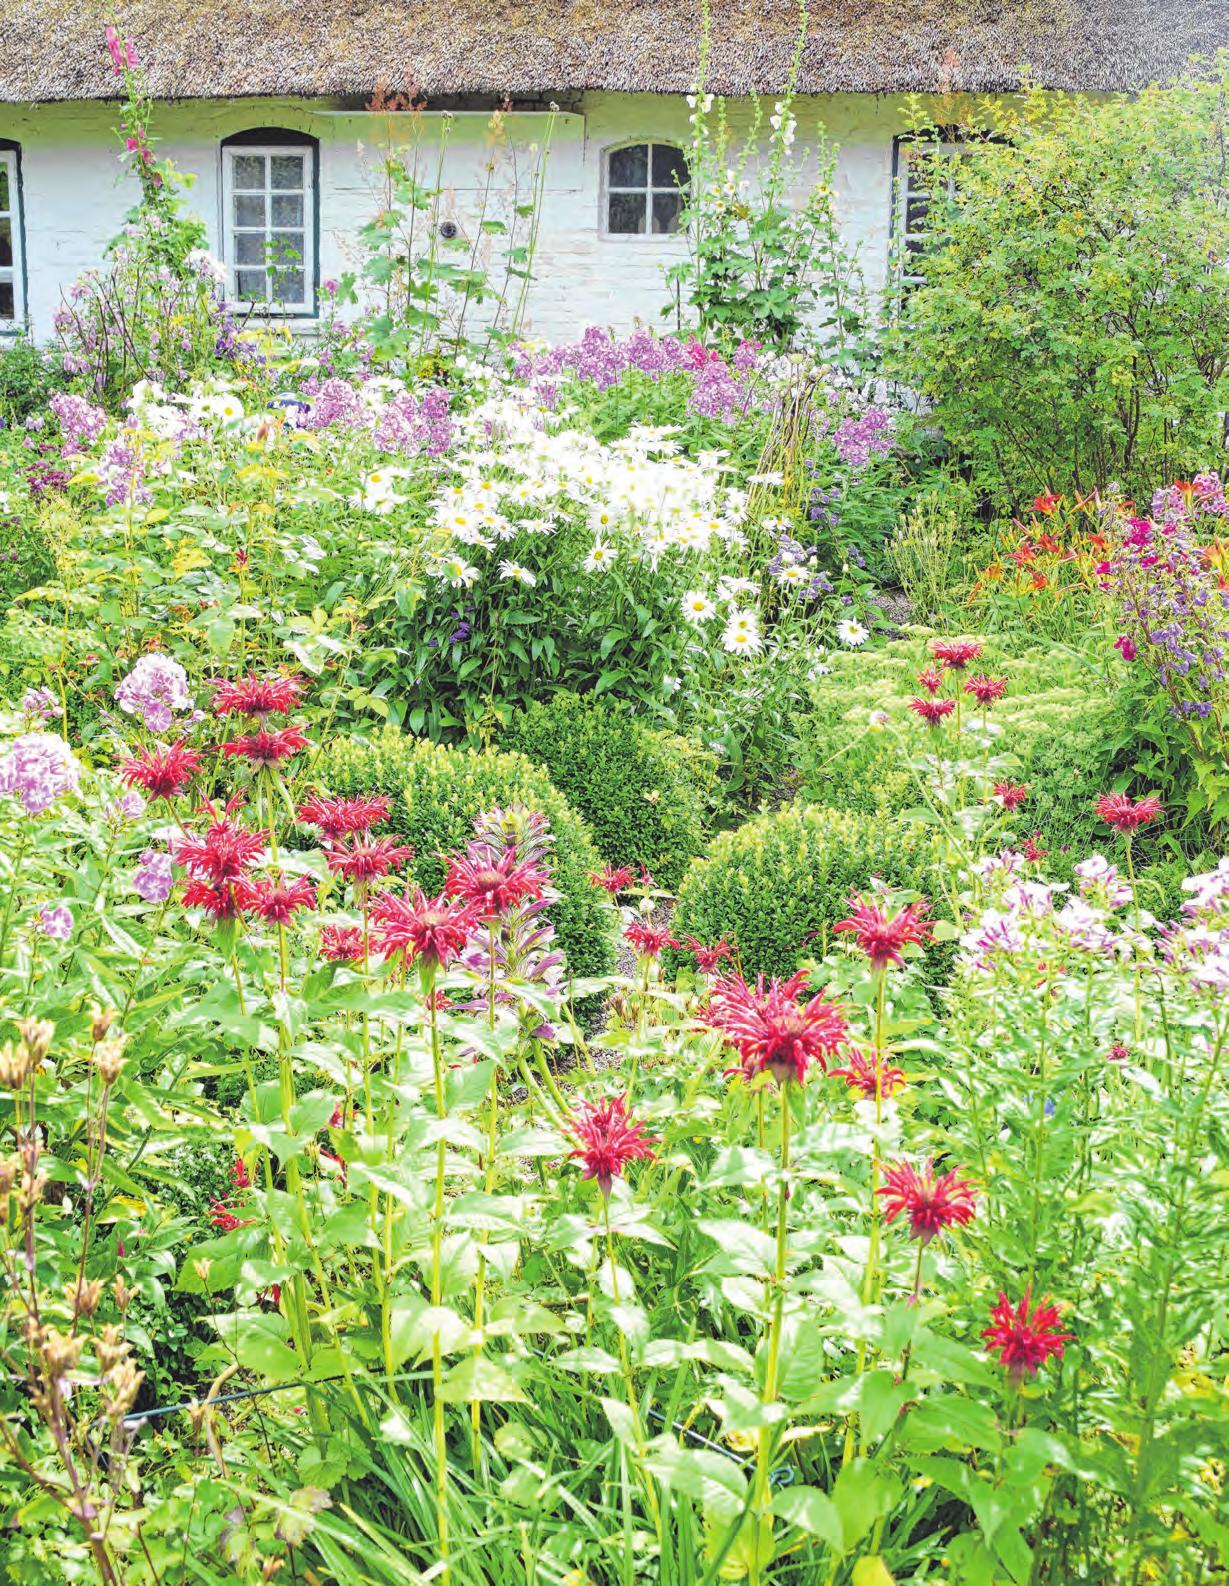 Wo viele verschiedene Pflanzen blühen, finden Insekten Nahrung. Dann summt und brummt es im Garten. Foto: Sulzberger/BLV, © hydebrink – stock.adobe.com